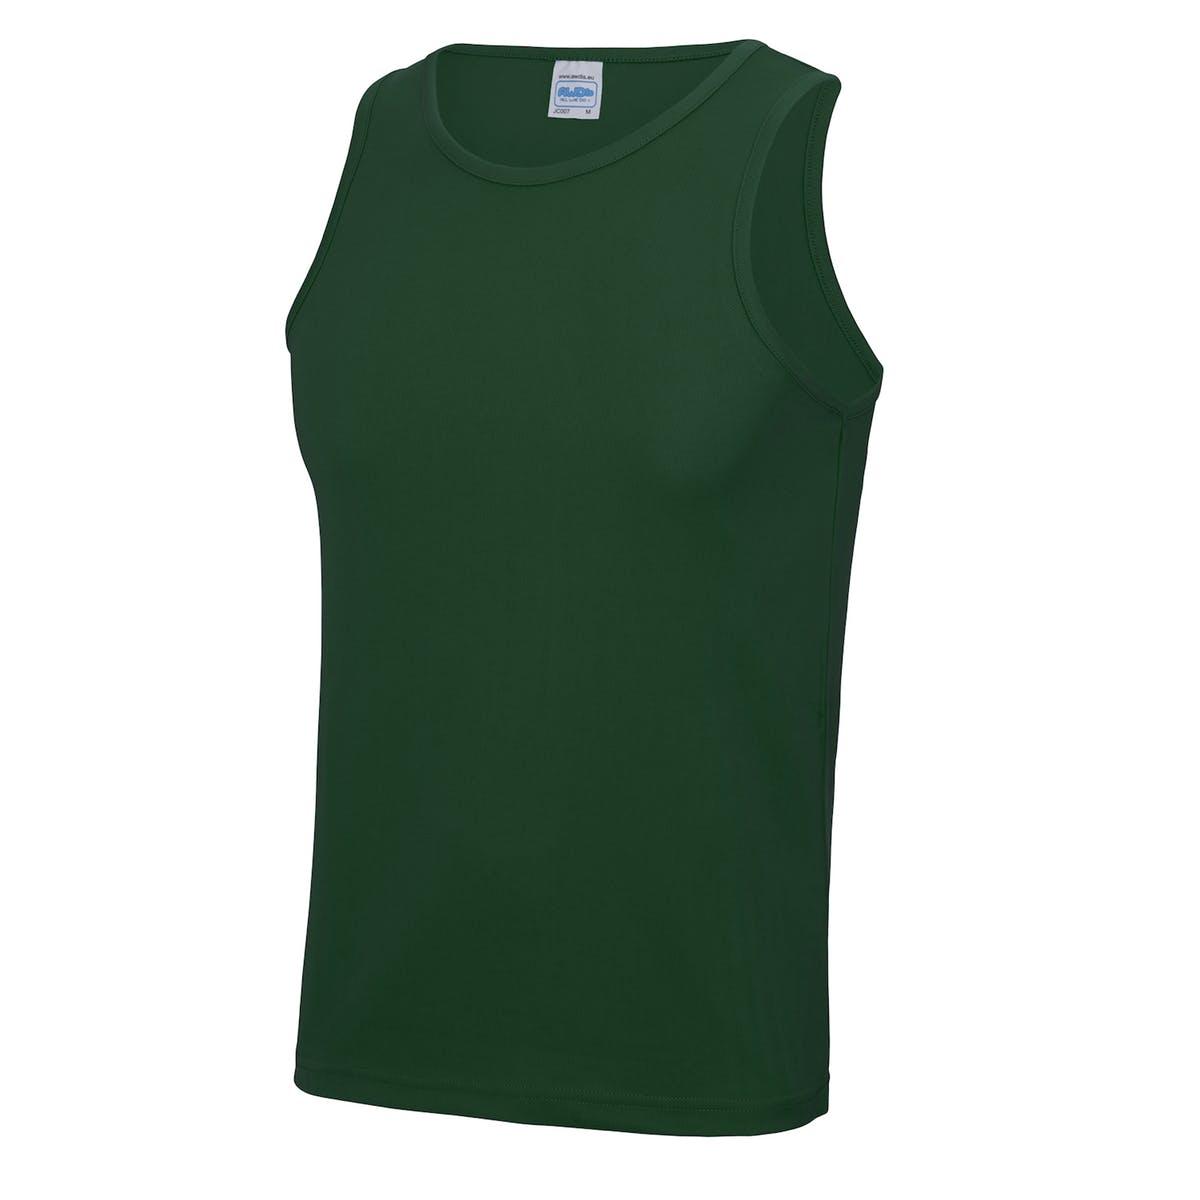 bottle sports vest